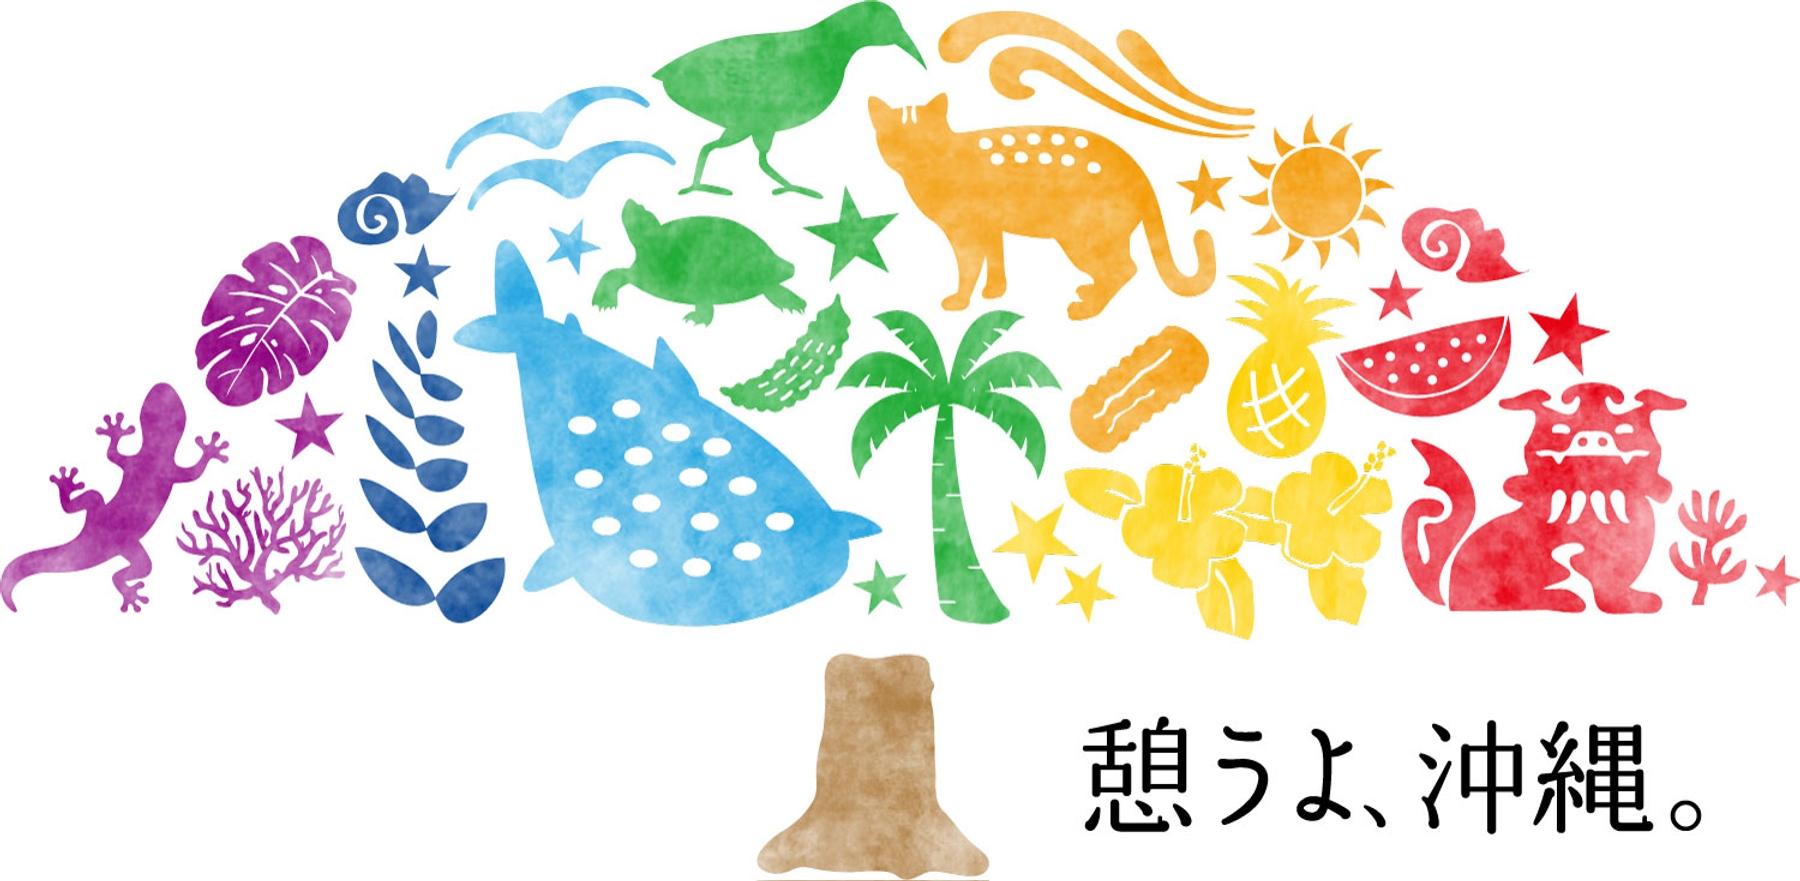 憩うよ、沖縄 ロゴ